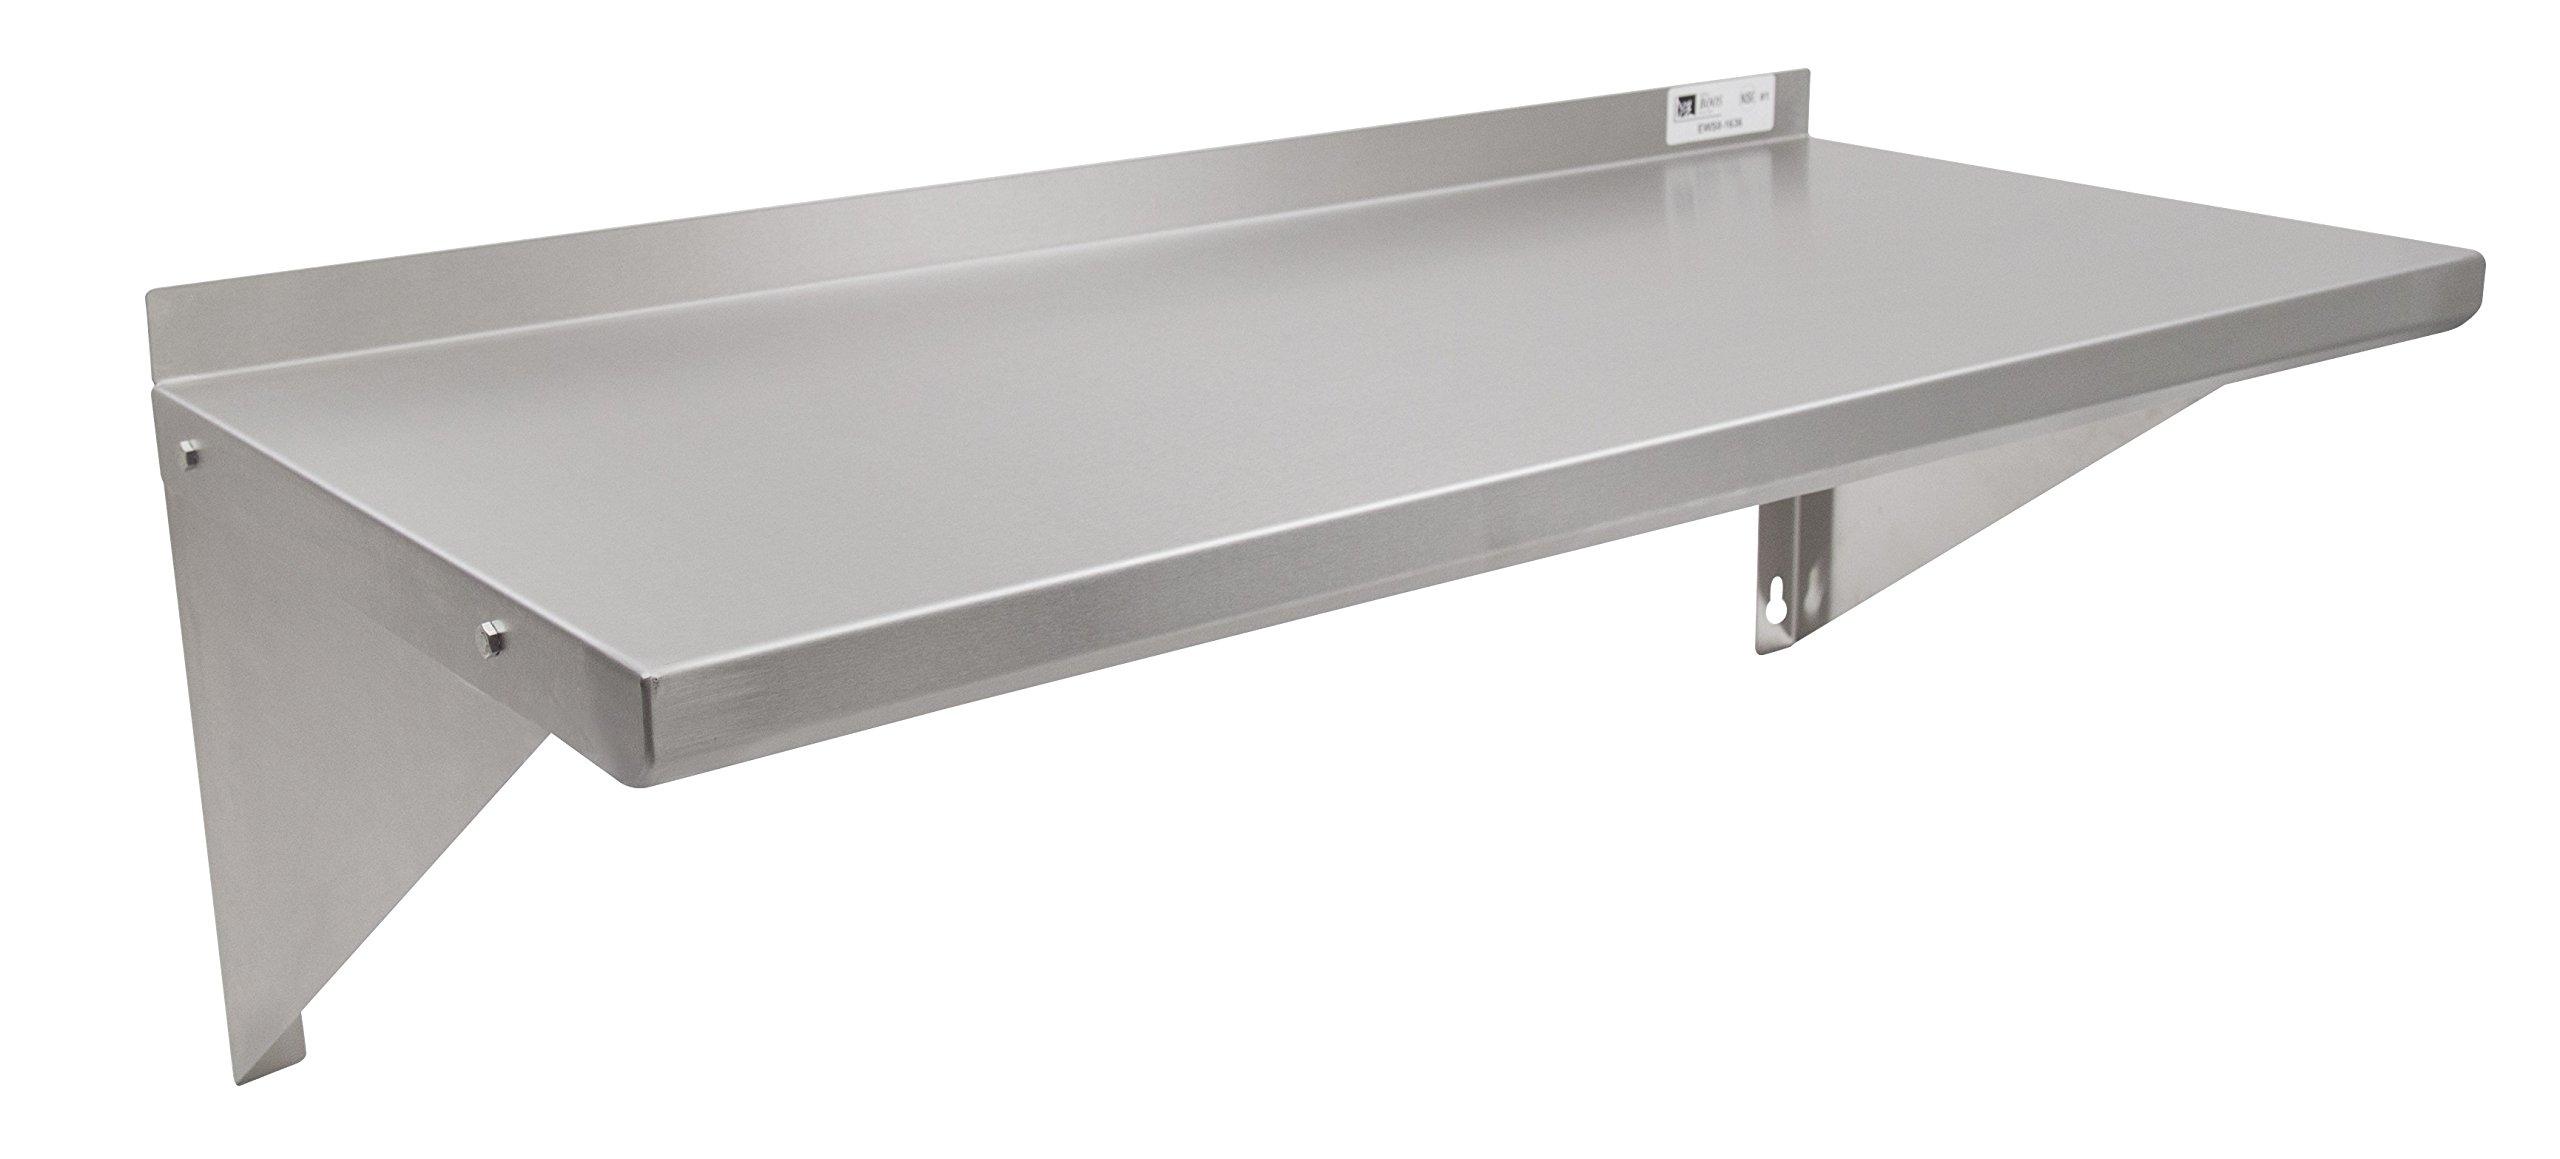 John Boos EWS8-1648 Stainless Steel Standard Wall Shelf, 48'' Length, 16'' Width